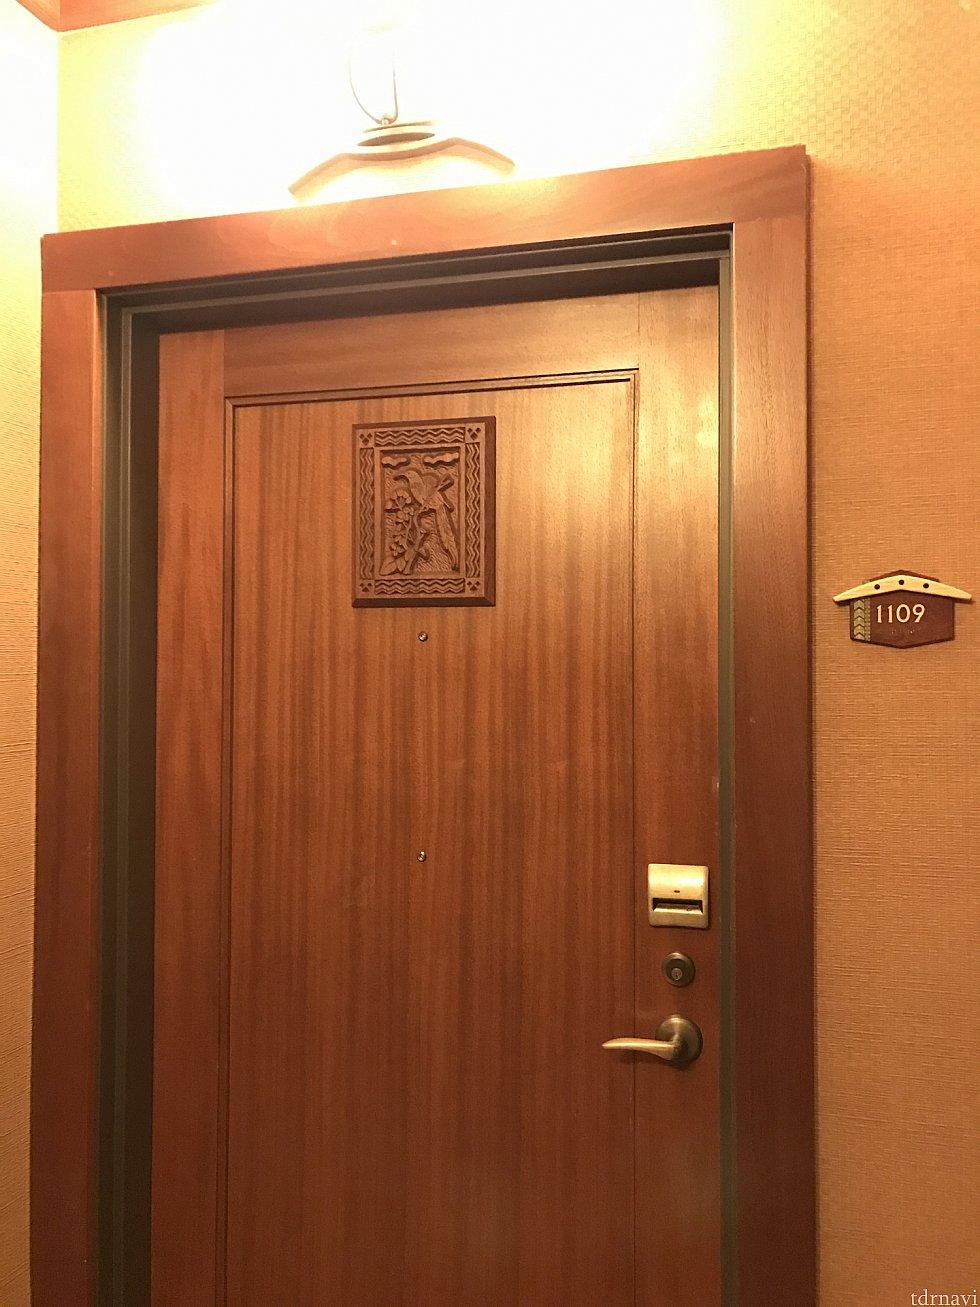 11階の1109号室。この階は奇数部屋がハズレのオーシャンビューっぽい